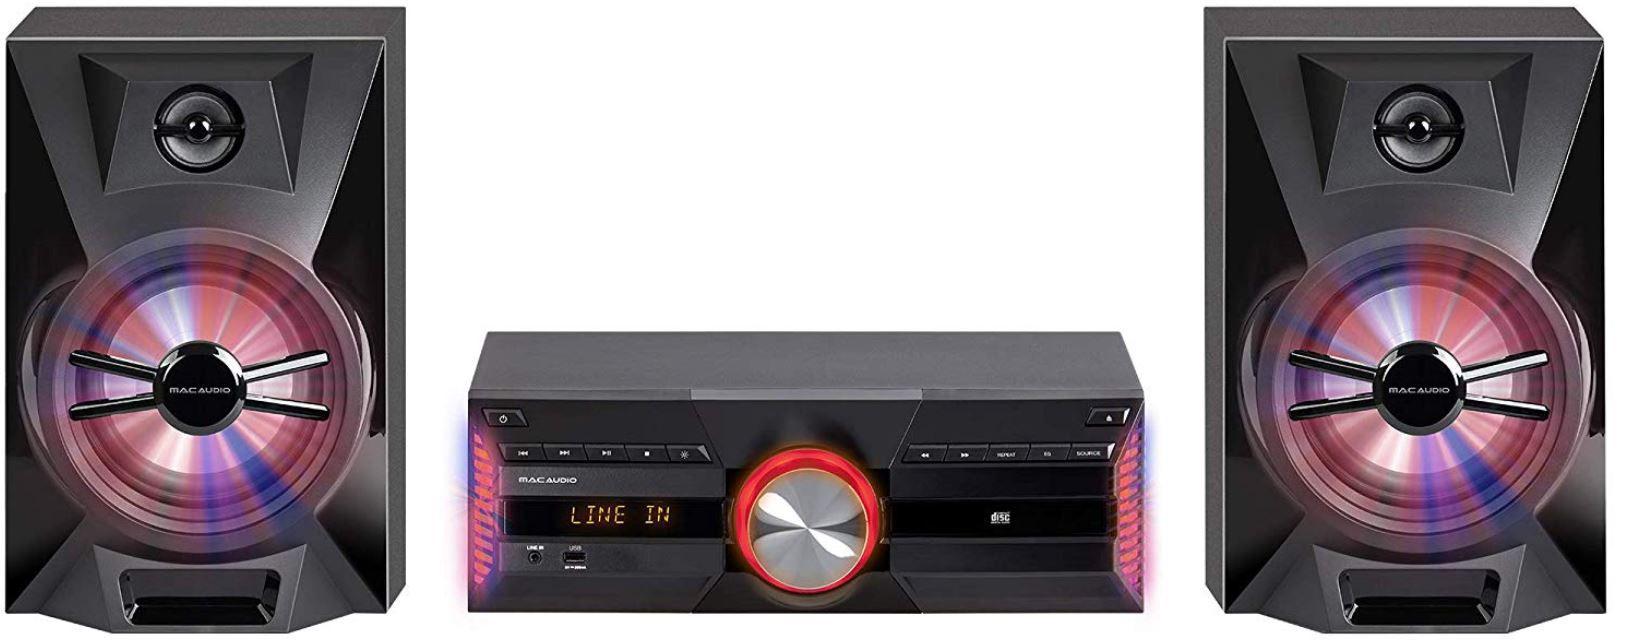 Mac Audio MPS 701 mini  DAB+ Kompaktanlage für 119,90€ (statt 129€)